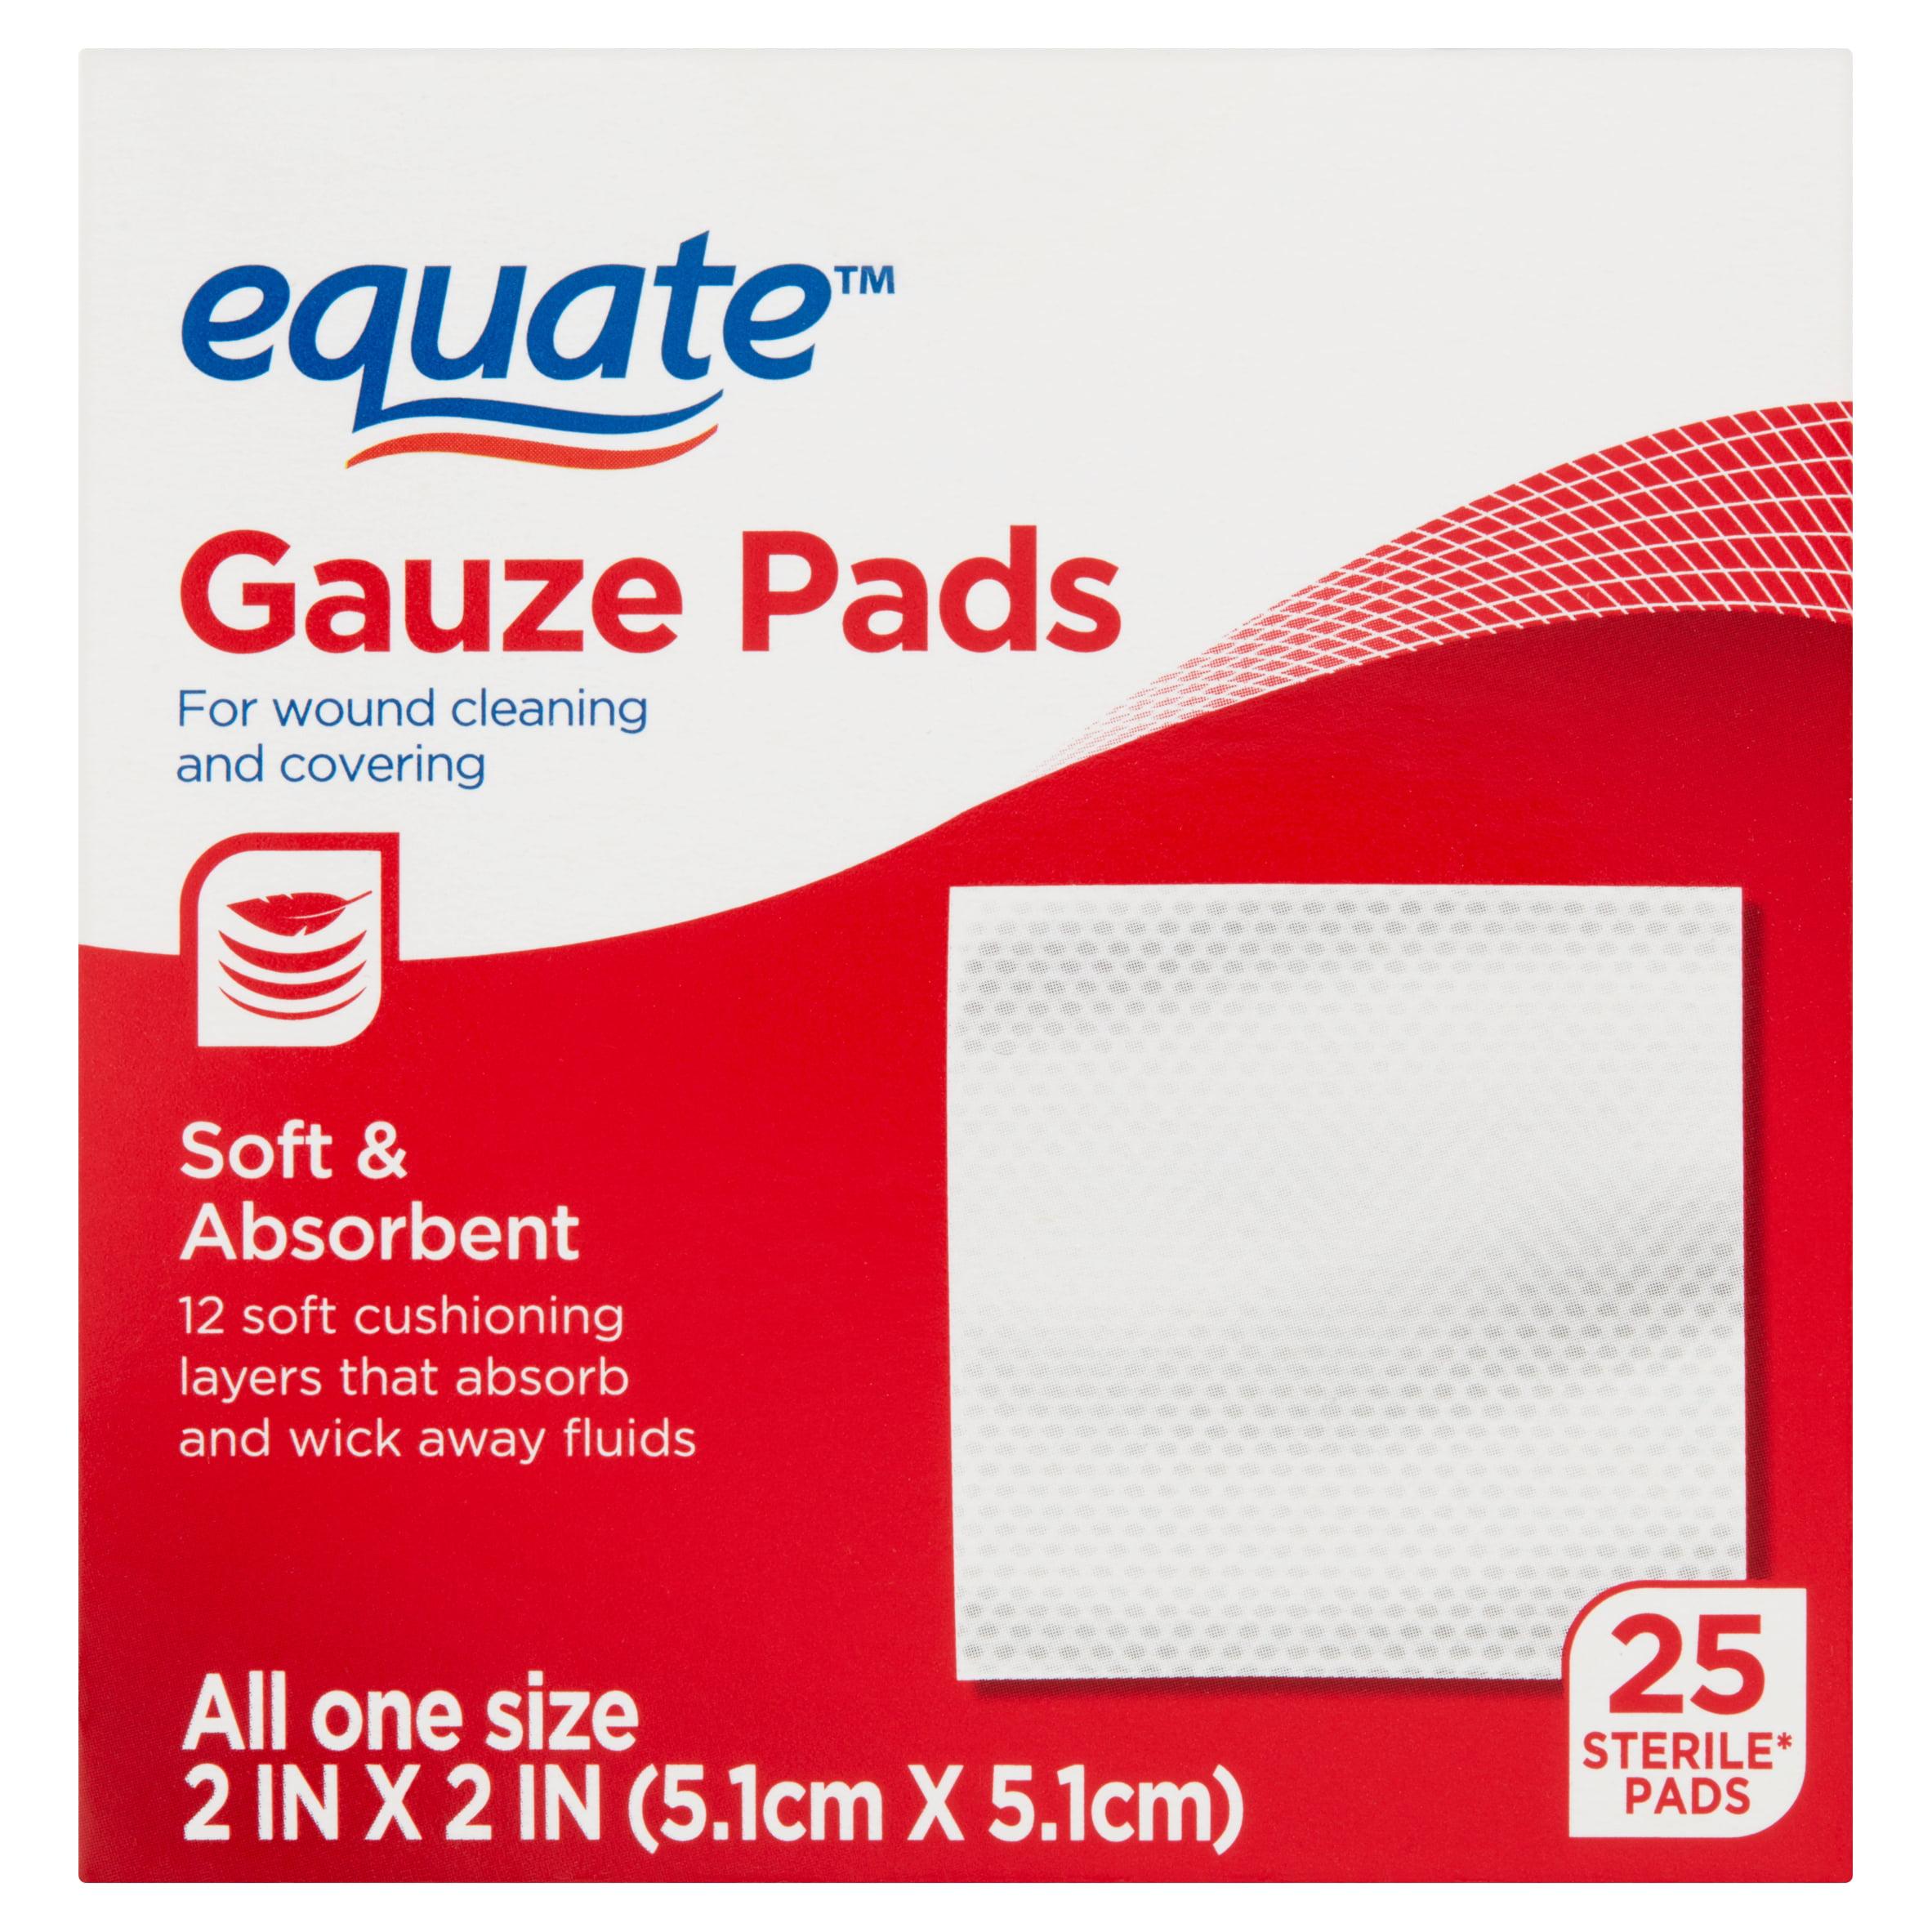 equate gauze pads 25 count walmart com